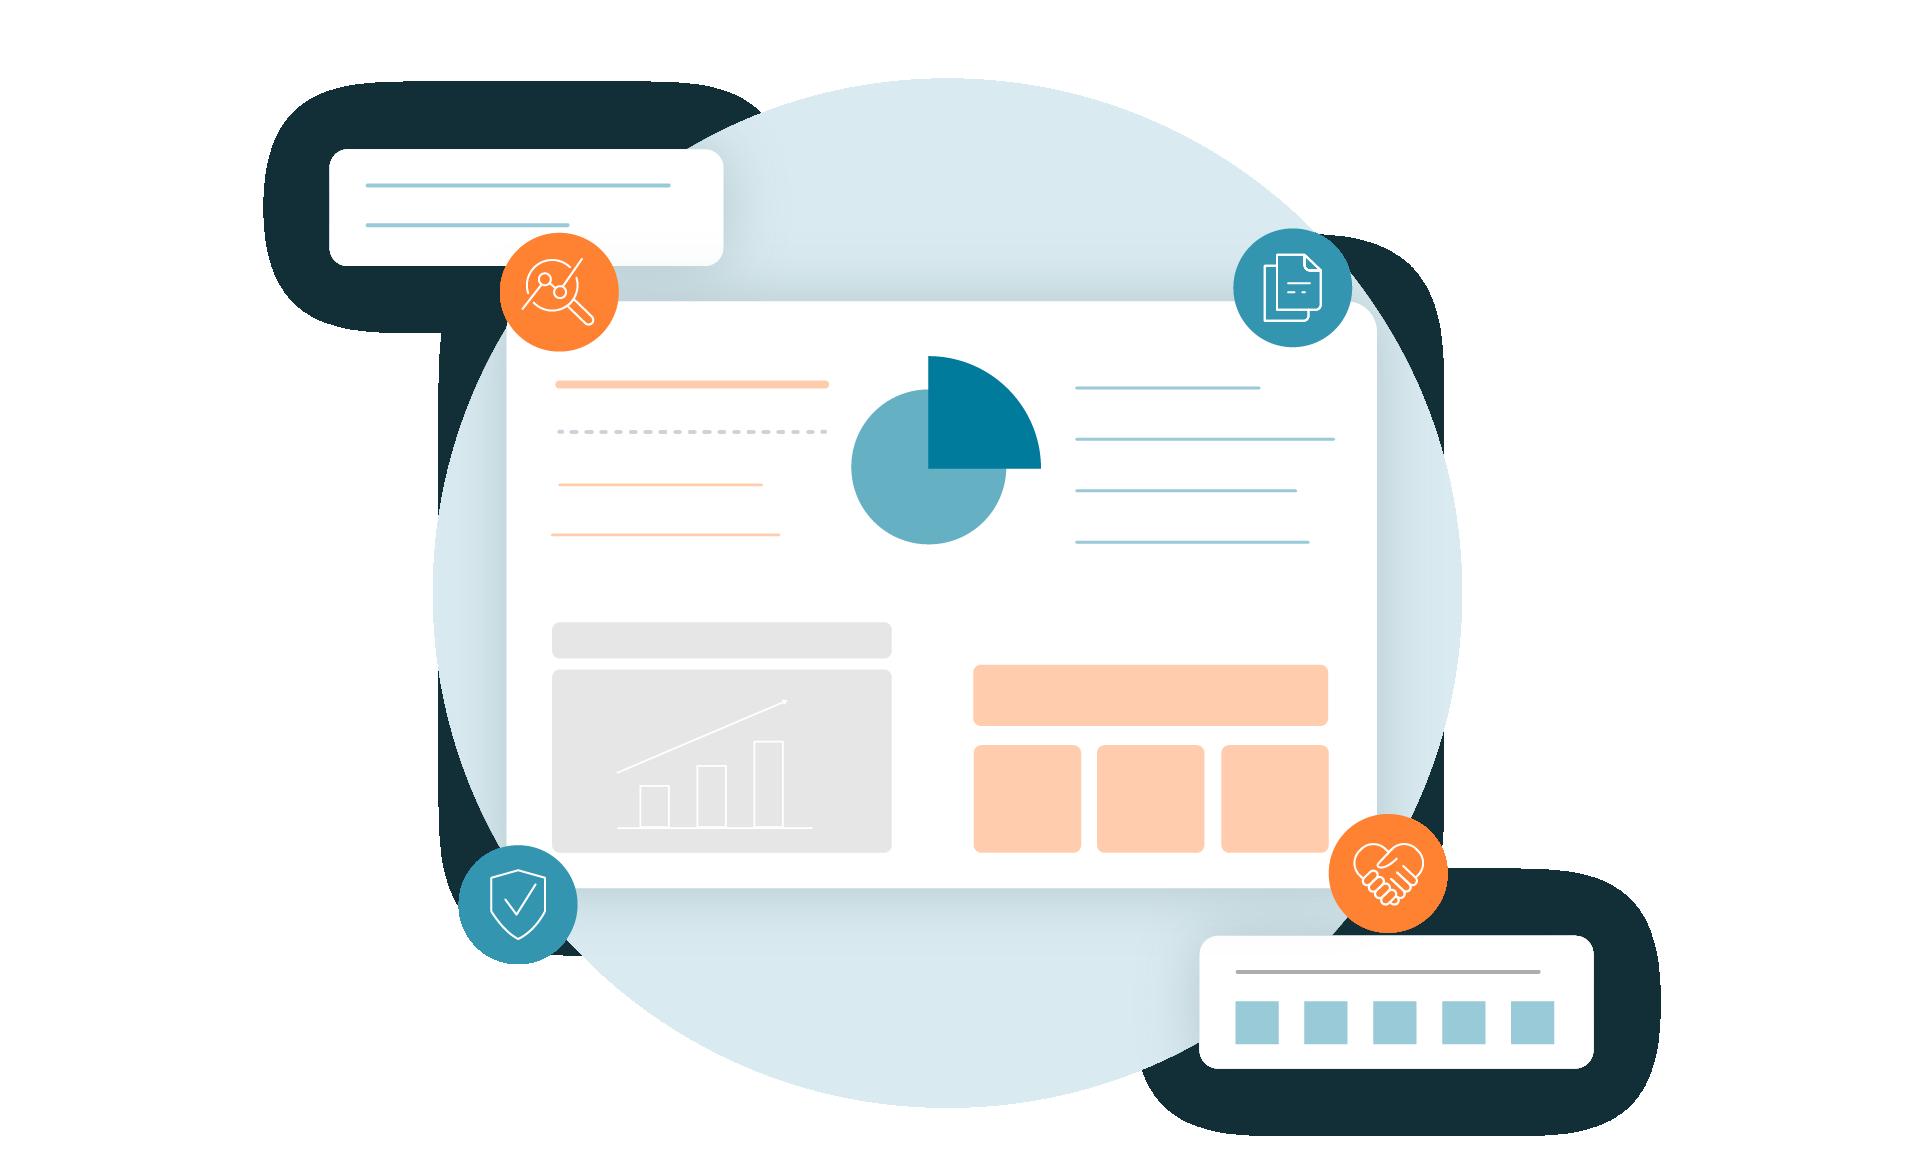 LINK Mobility - Mit Tools, wie dem LINK Insight Dashboard, lassen sich alle gewonnenen Daten auswerten und analysieren, um Ihre RCS-Kampagnen stetig optimieren zu können.